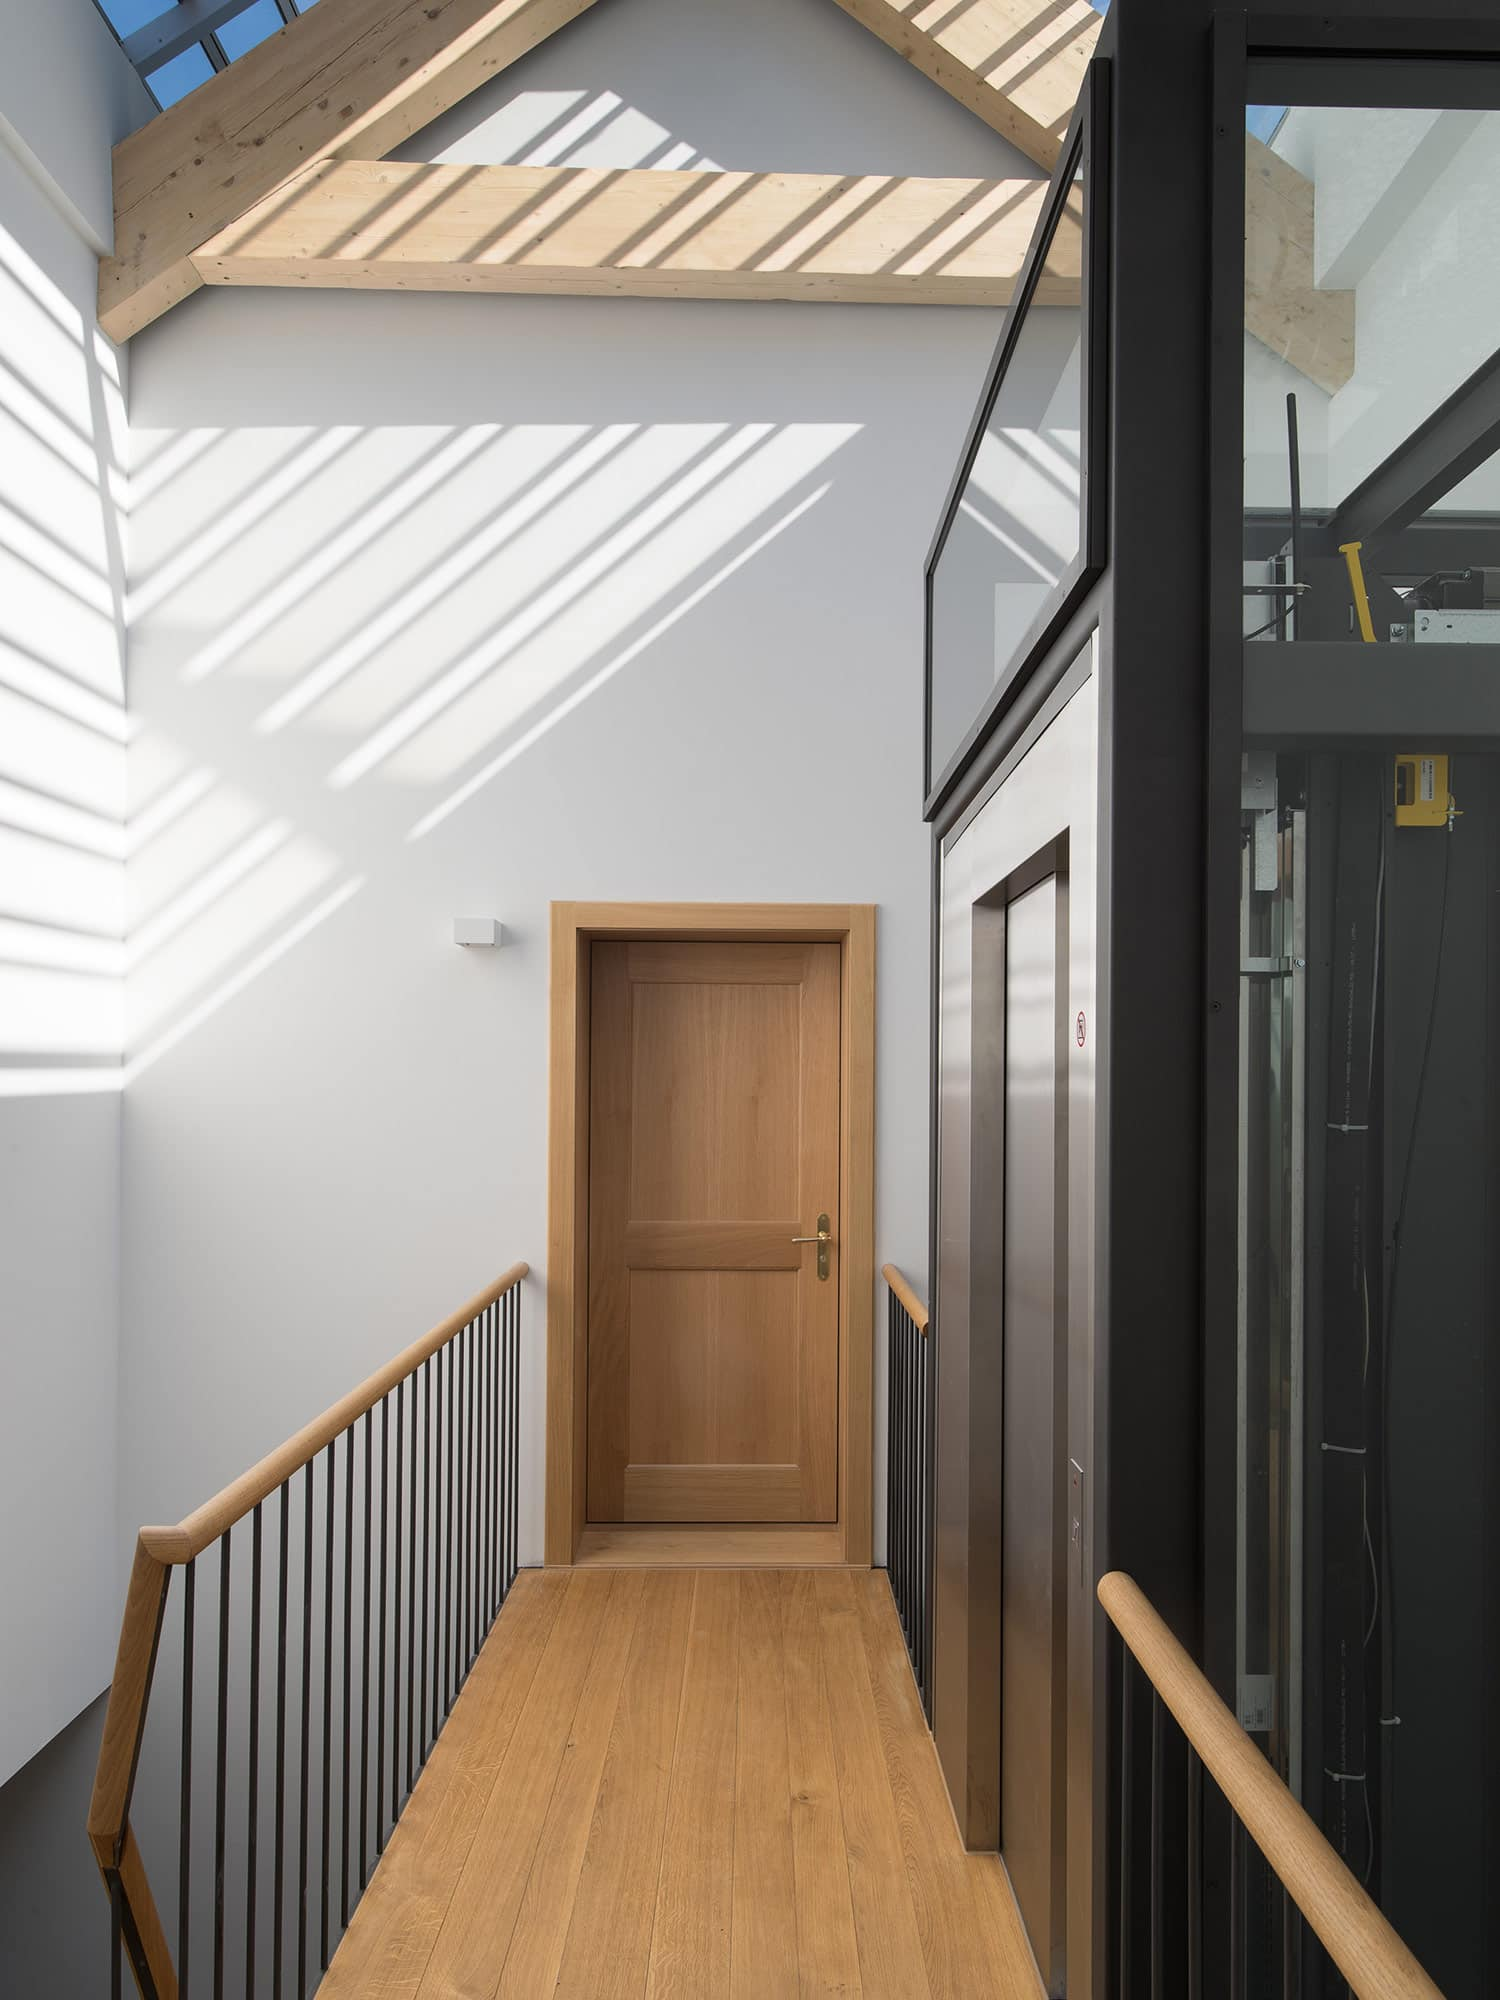 passerelle menant à une porte d'entrée et à un ascenseur imaginé par un bureau d'architectes à Lausanne